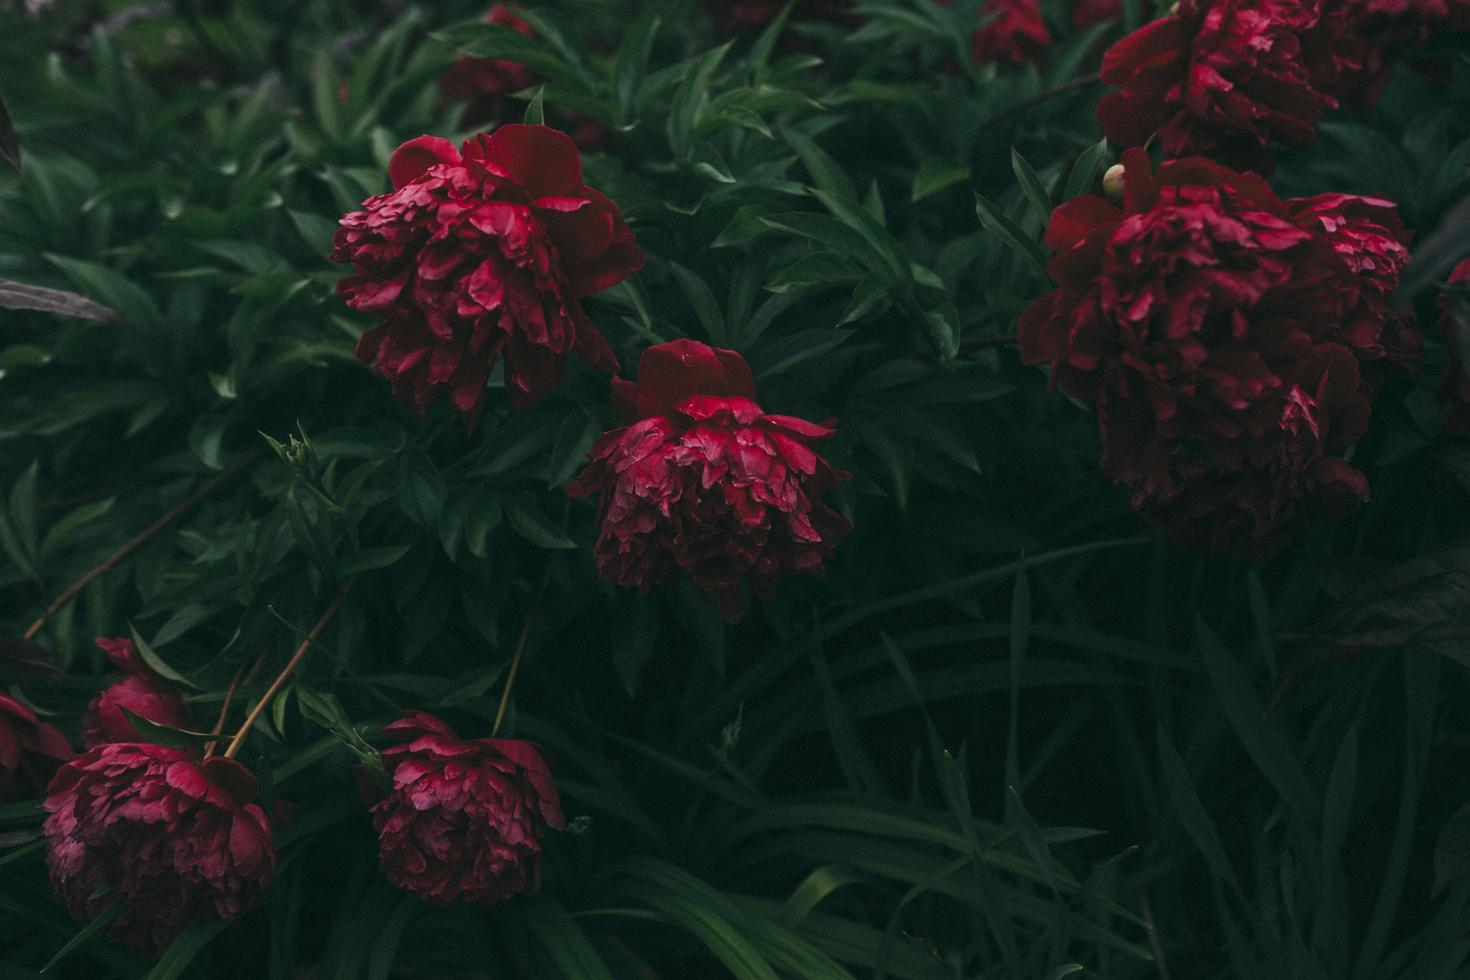 primo piano di fiori rossi con foglie verdi foto